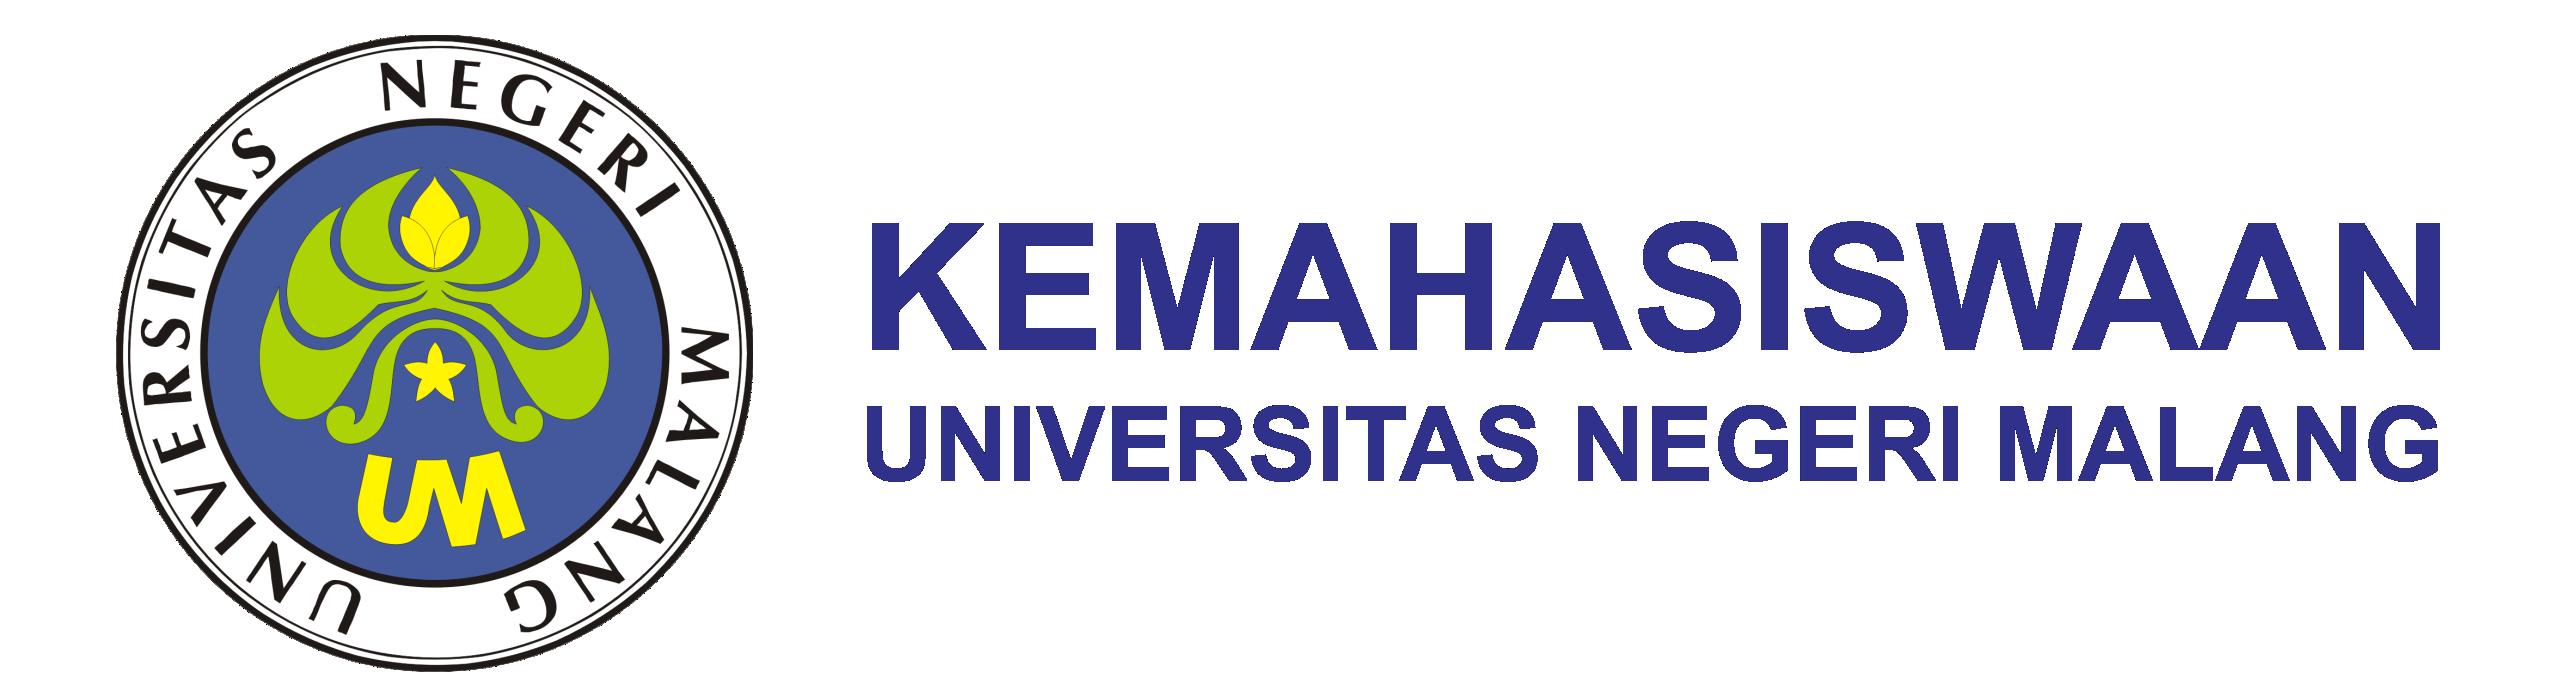 Kemahasiswaan Universitas Negeri Malang